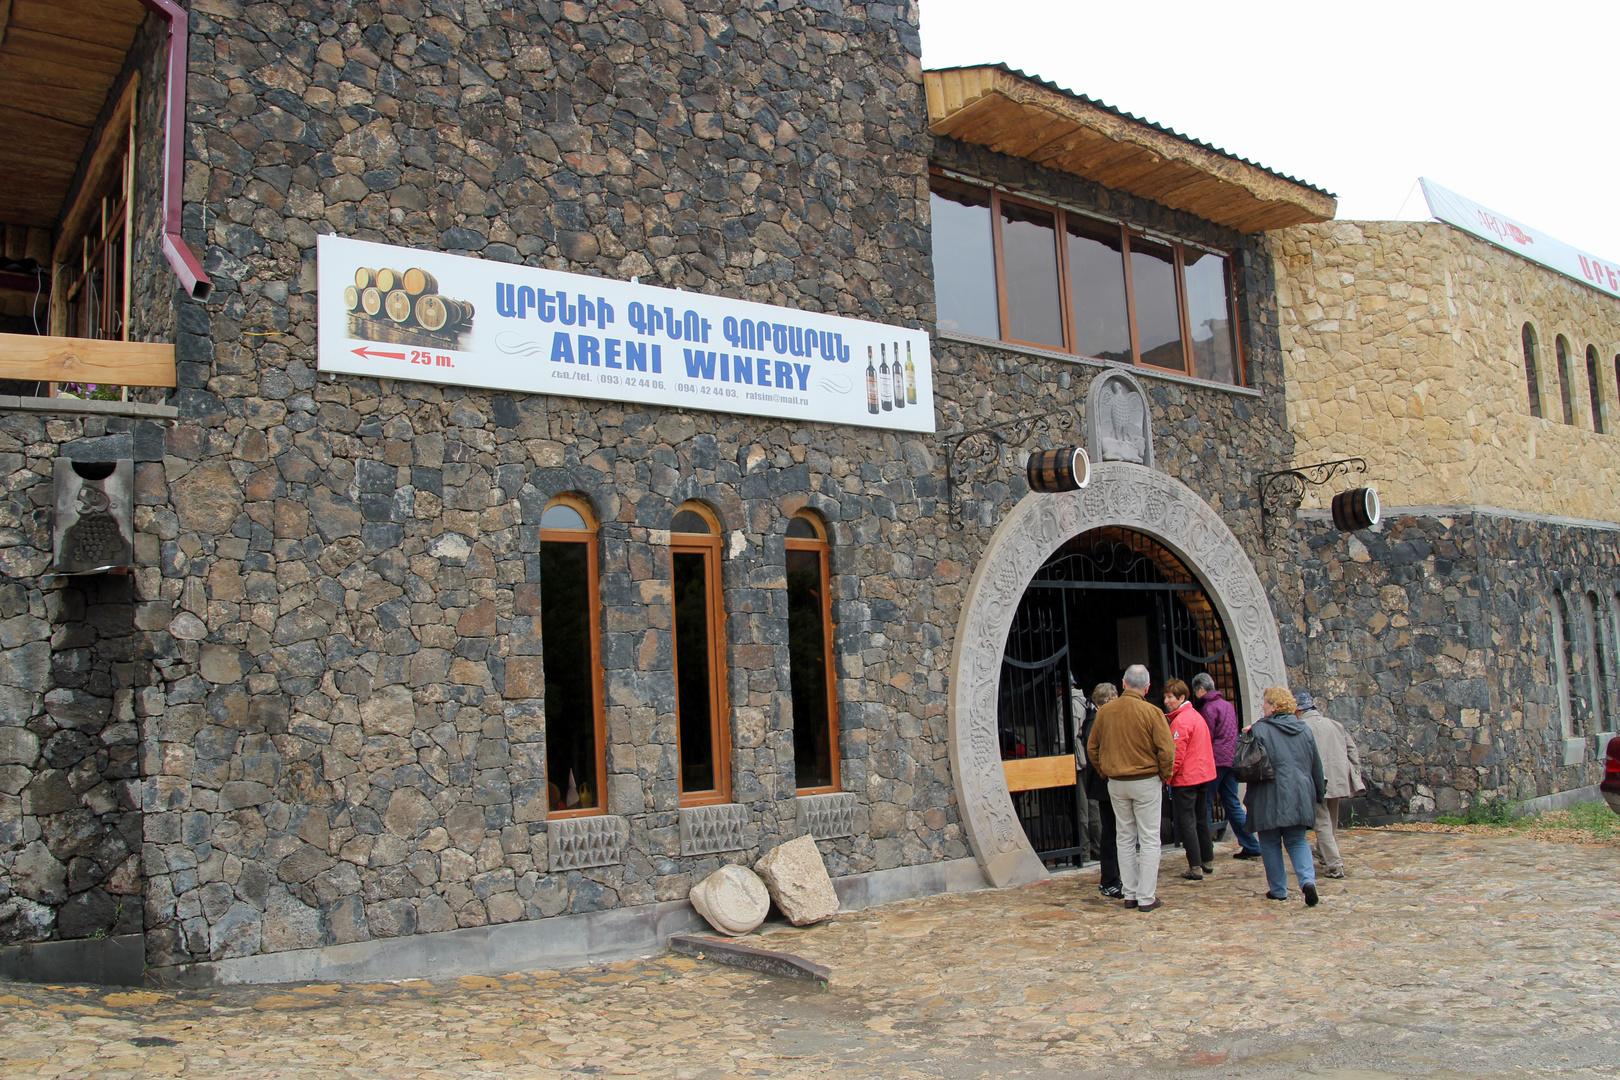 Areni, Armenien: Besuch einer Winzerei